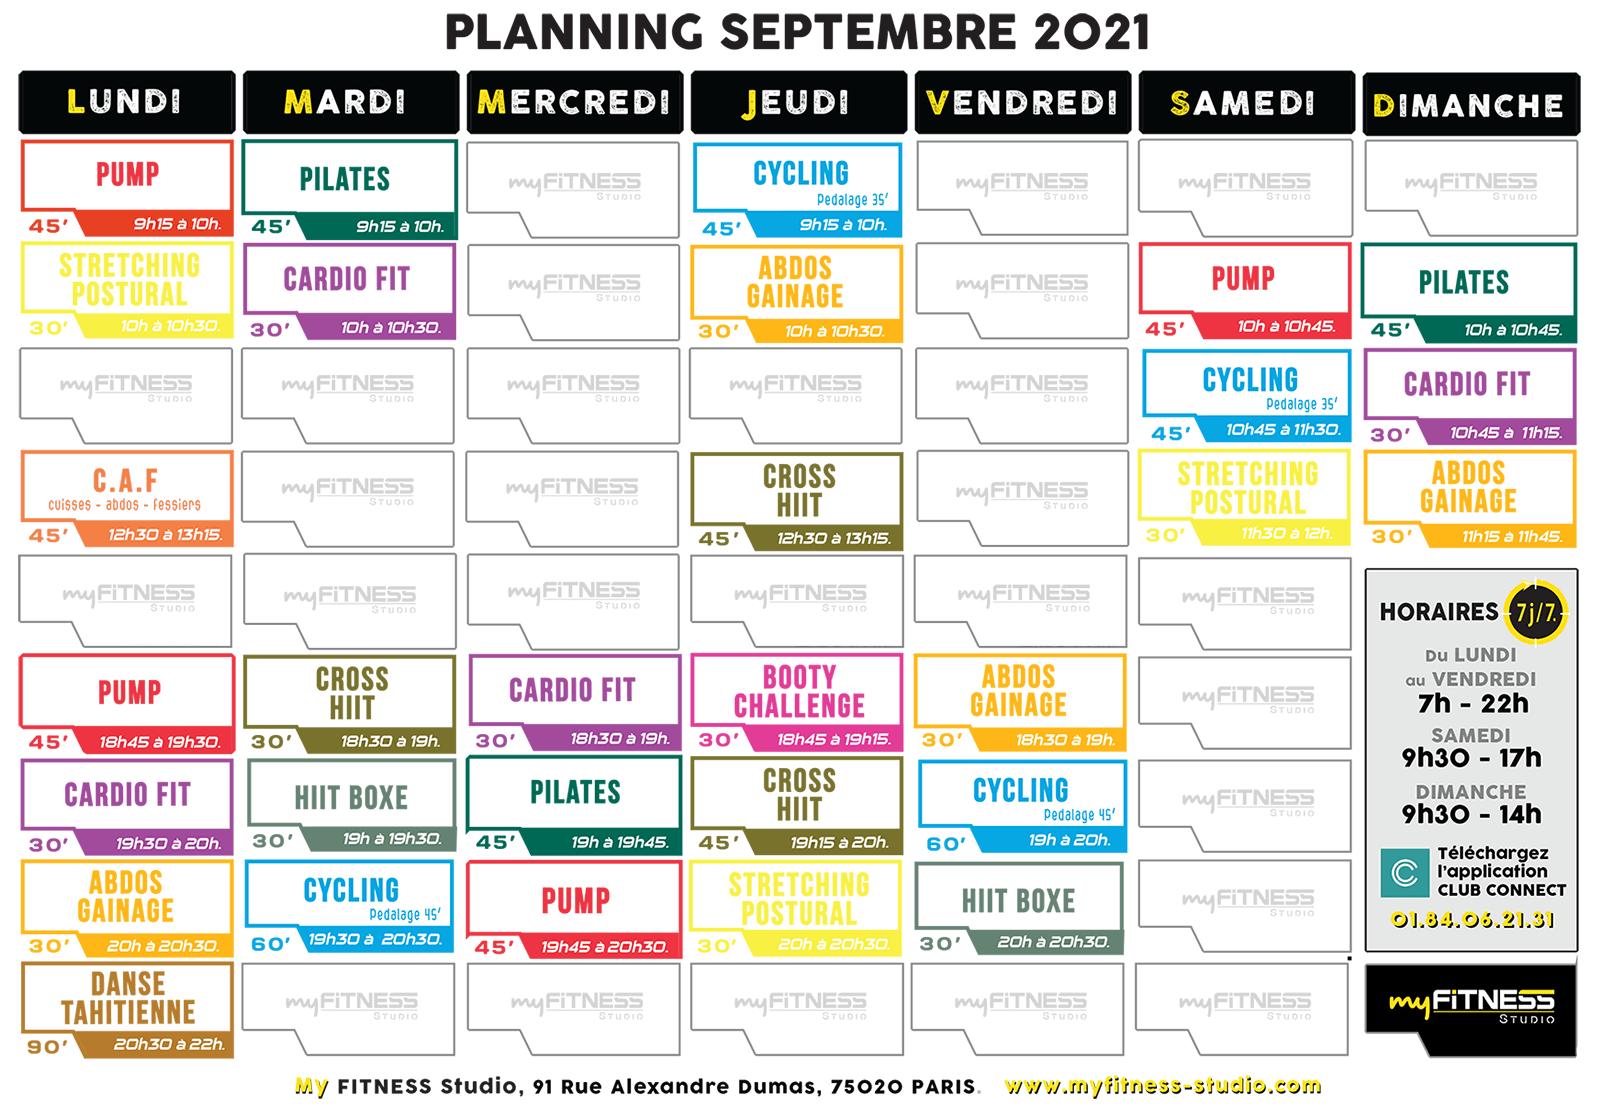 Planning Rentrée Septembre 2021